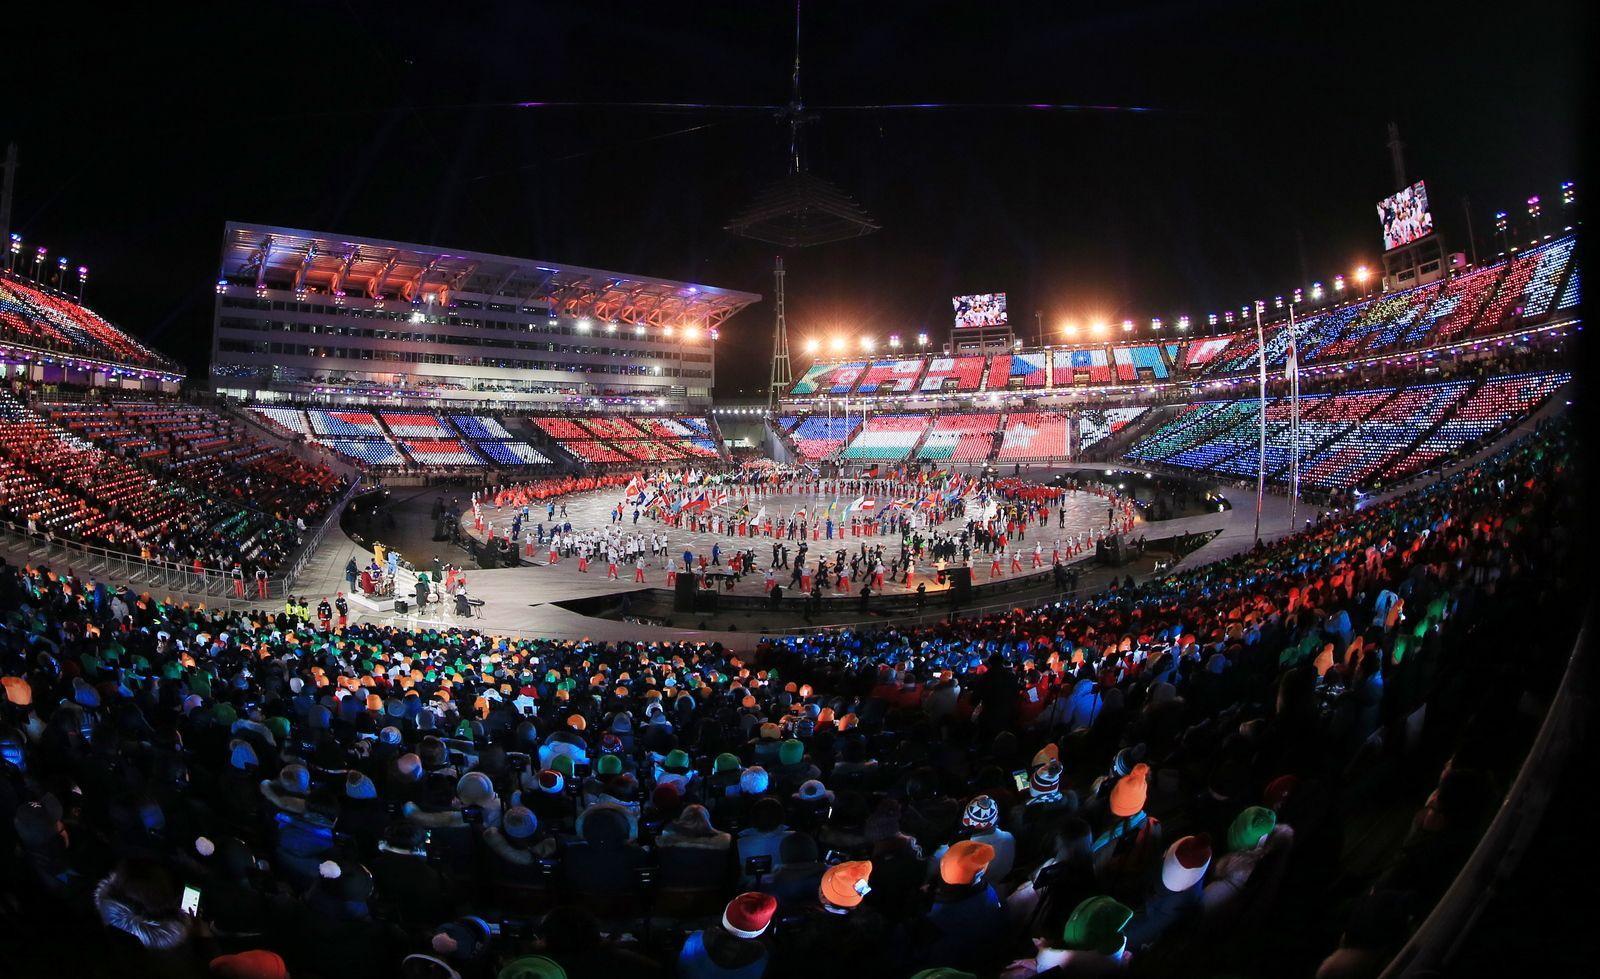 В соревнованиях участвовали спортсмены из 92 стран